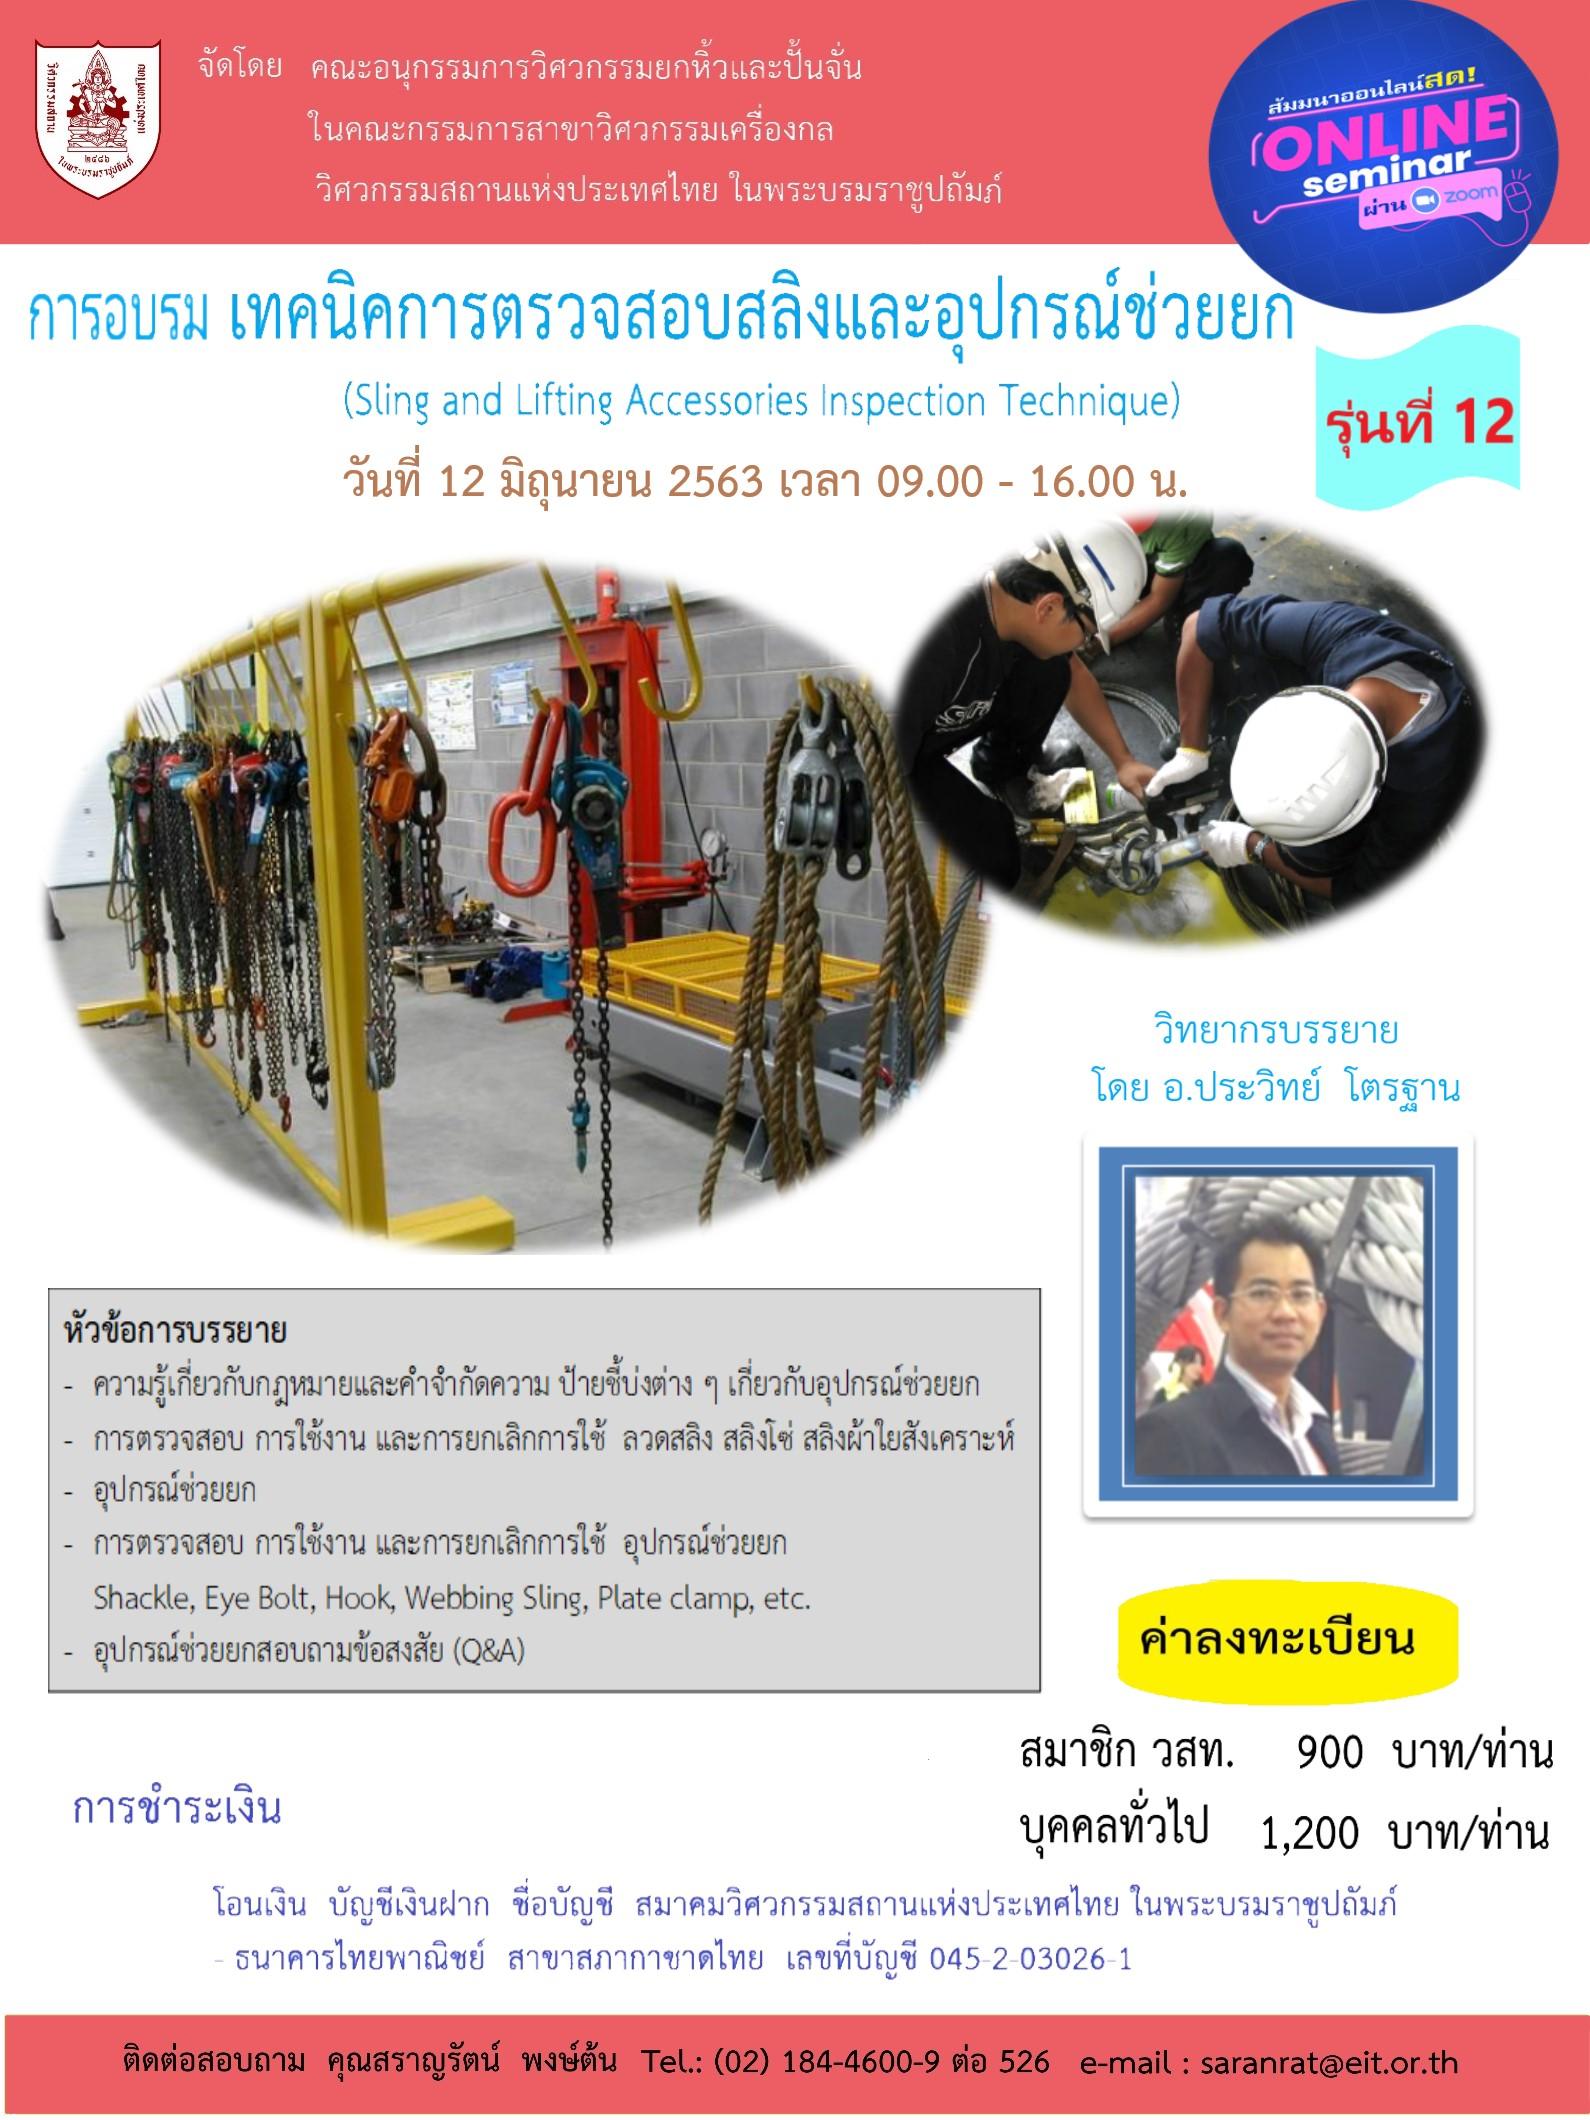 12/06/2563 การอบรมเรื่อง เทคนิคการตรวจสอบสลิงและอุปกรณ์ช่วยยก (Sling and Lifting Accessories Inspection Technique) รุ่นที่ 12 (เรียนออนไลน์ผ่าน ZOOM)